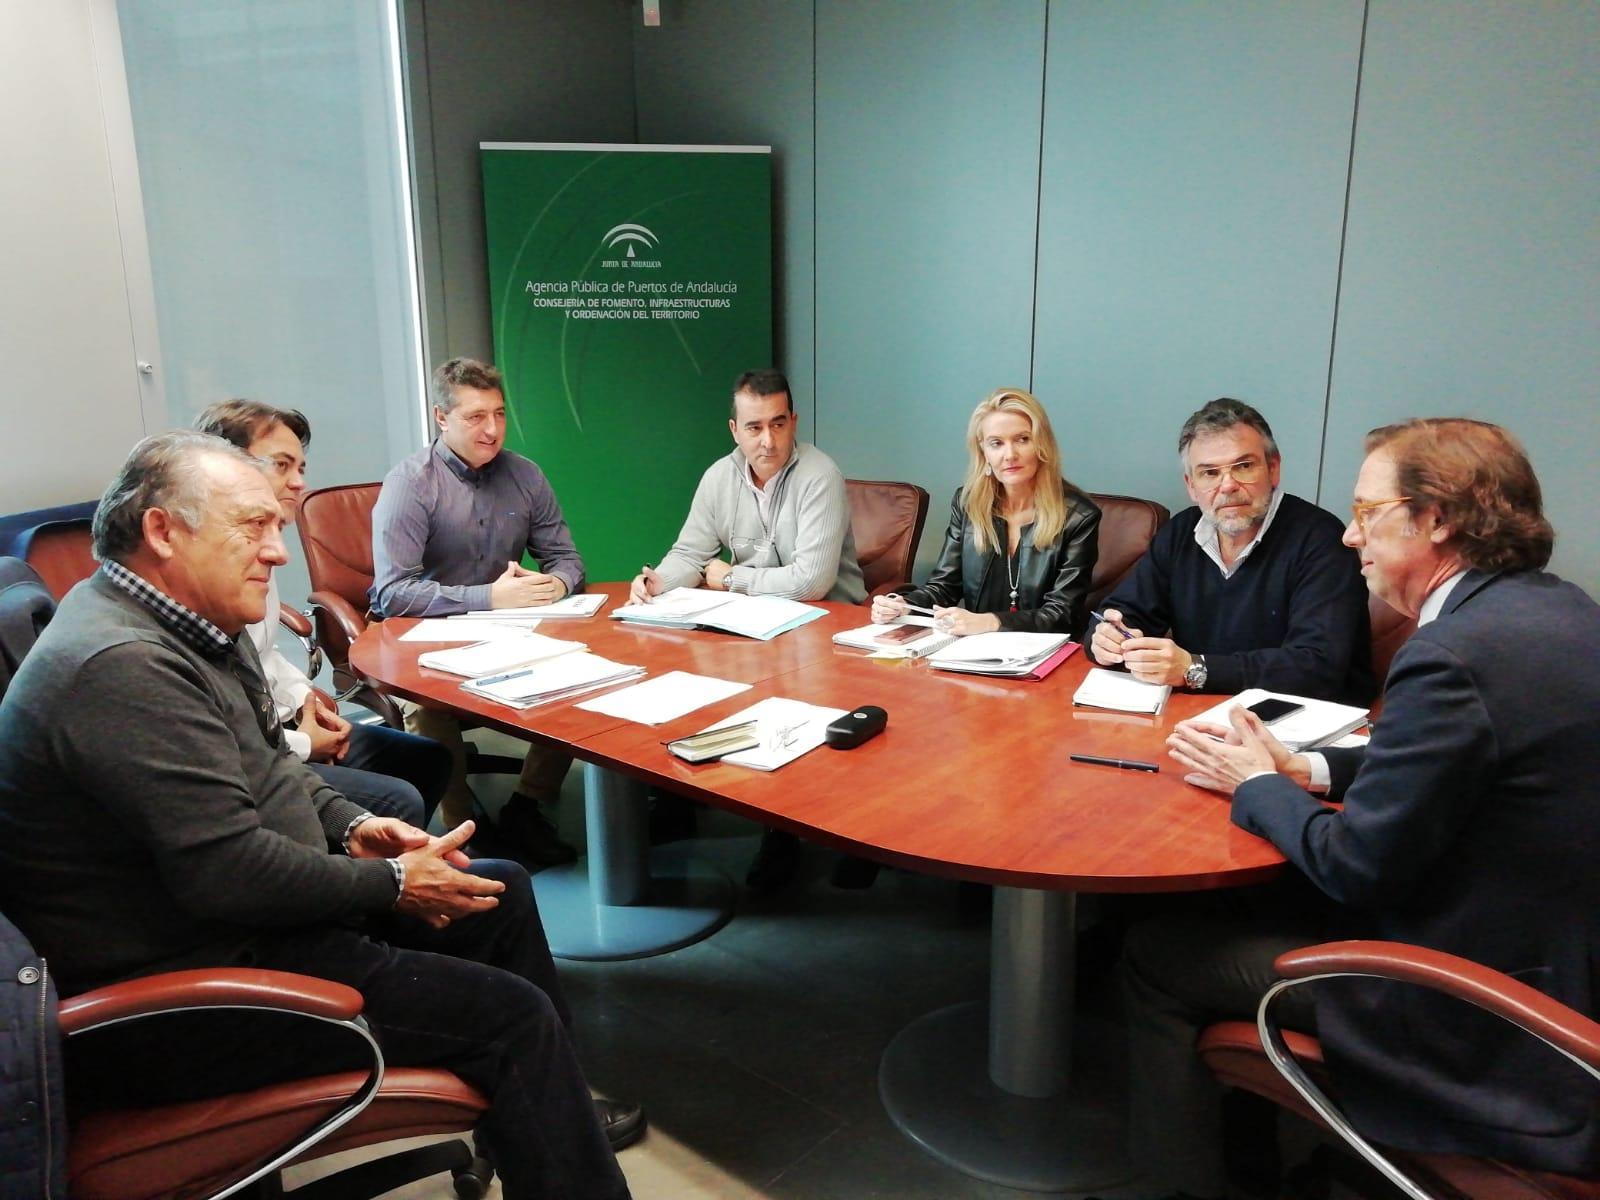 EL PUERTO DE CARBONERAS RECIBIRÁ 8,5 MILLONES DE EUROS EN LA REORDENACIÓN DE LAS INSTALACIONES